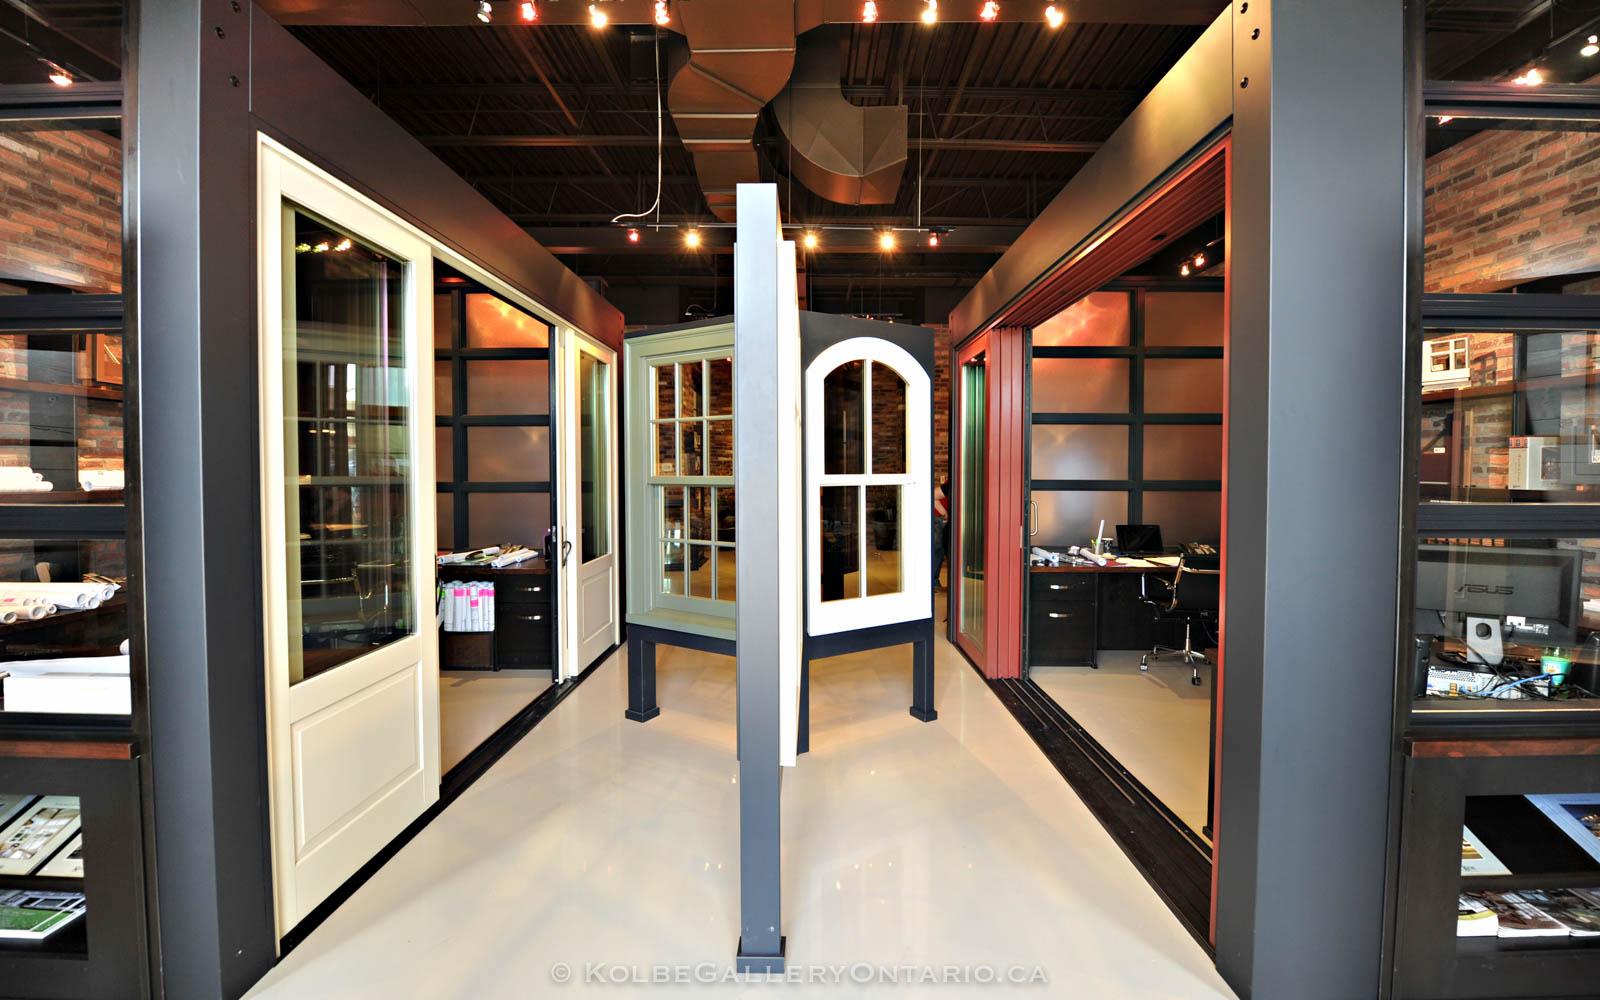 KolbeGalleryOntario.ca-windows-and-doors-Oakville-showroom-20120510-095743